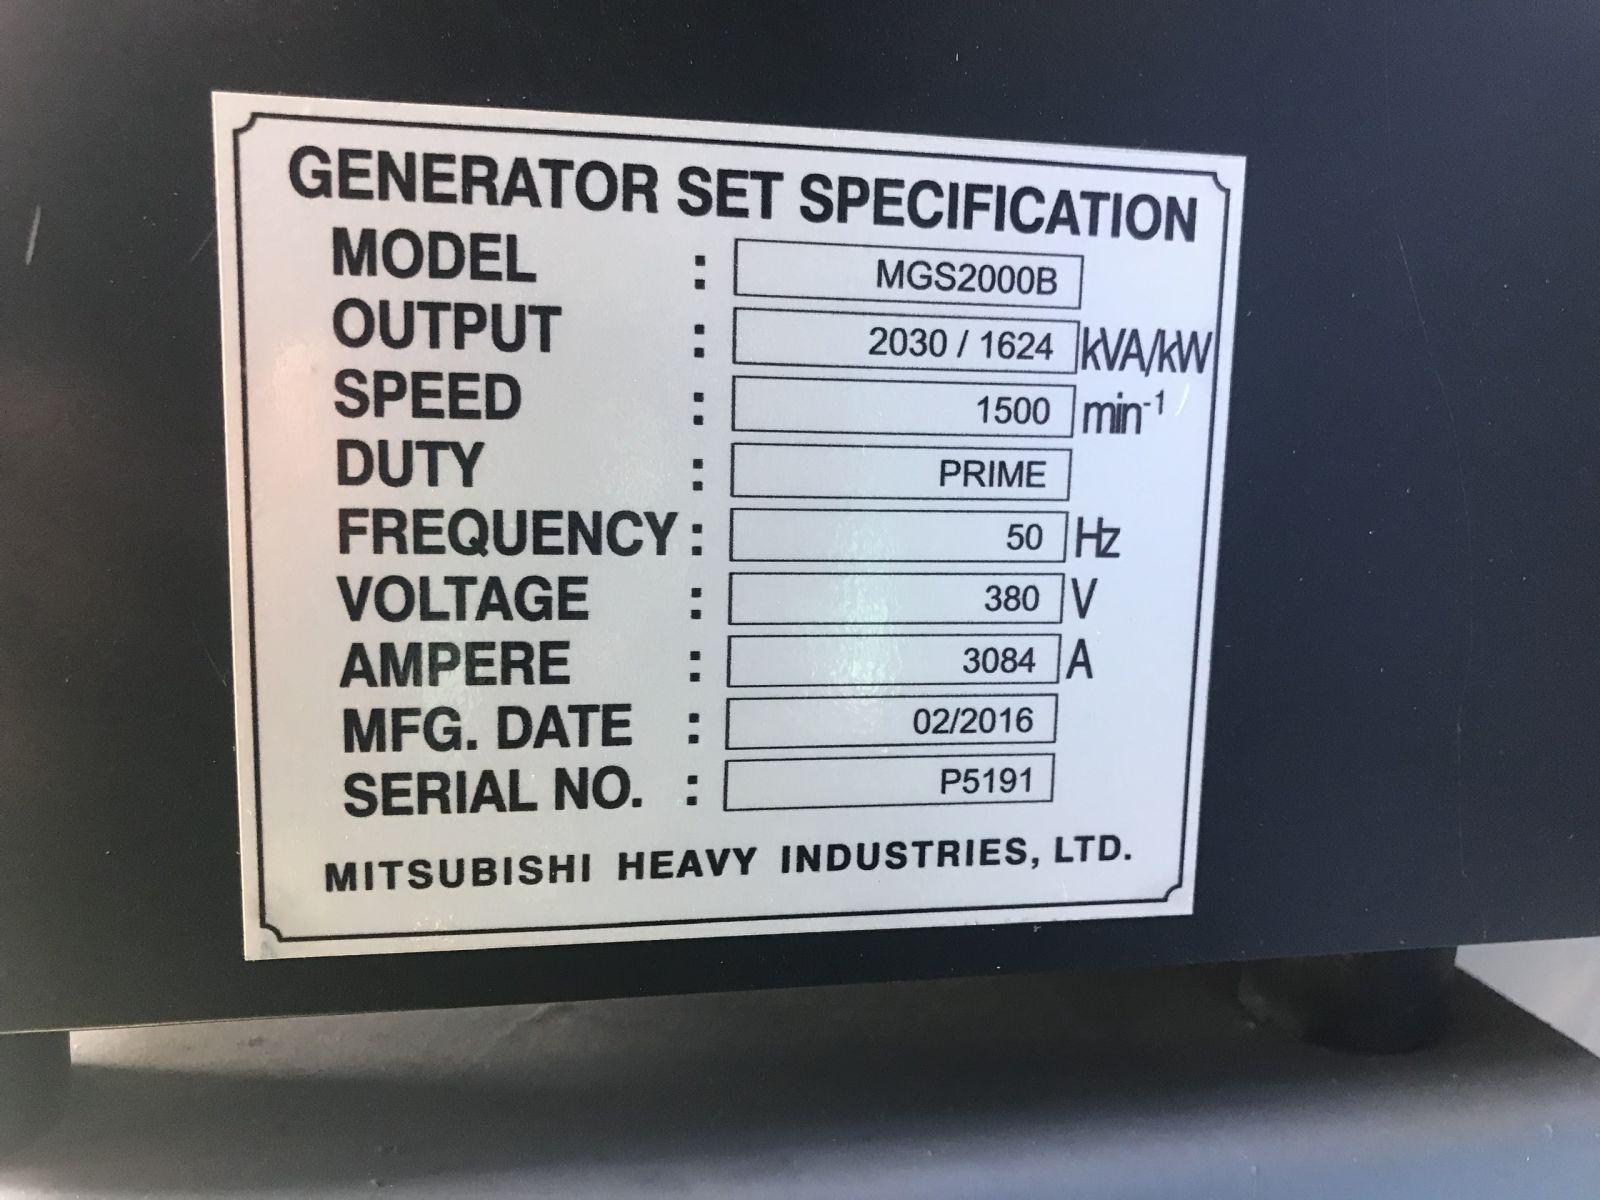 Tổ hợp máy phát điện Mitsubishi MGS200B